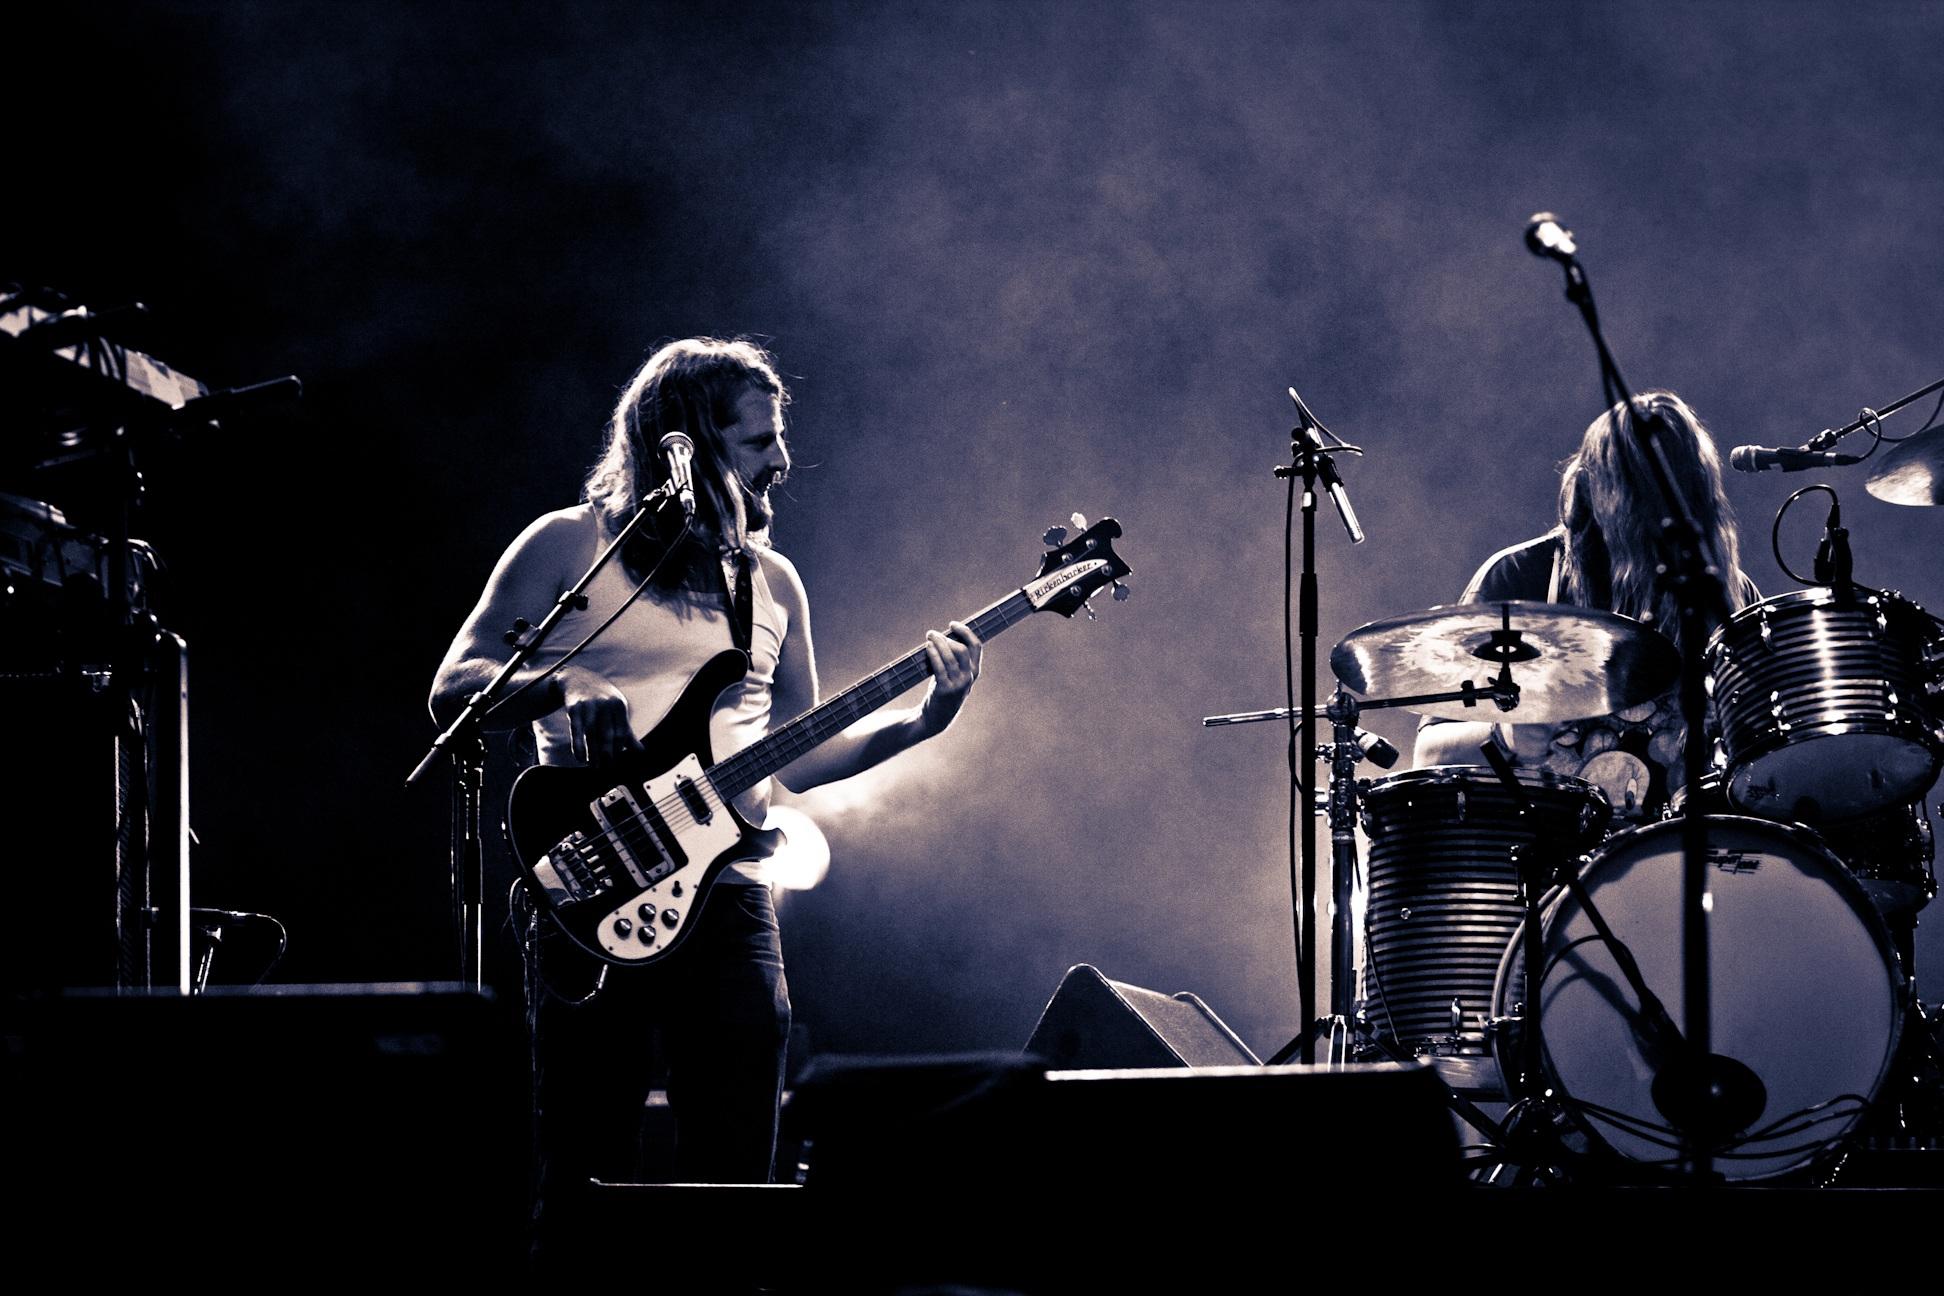 басист и ударник картинка основная